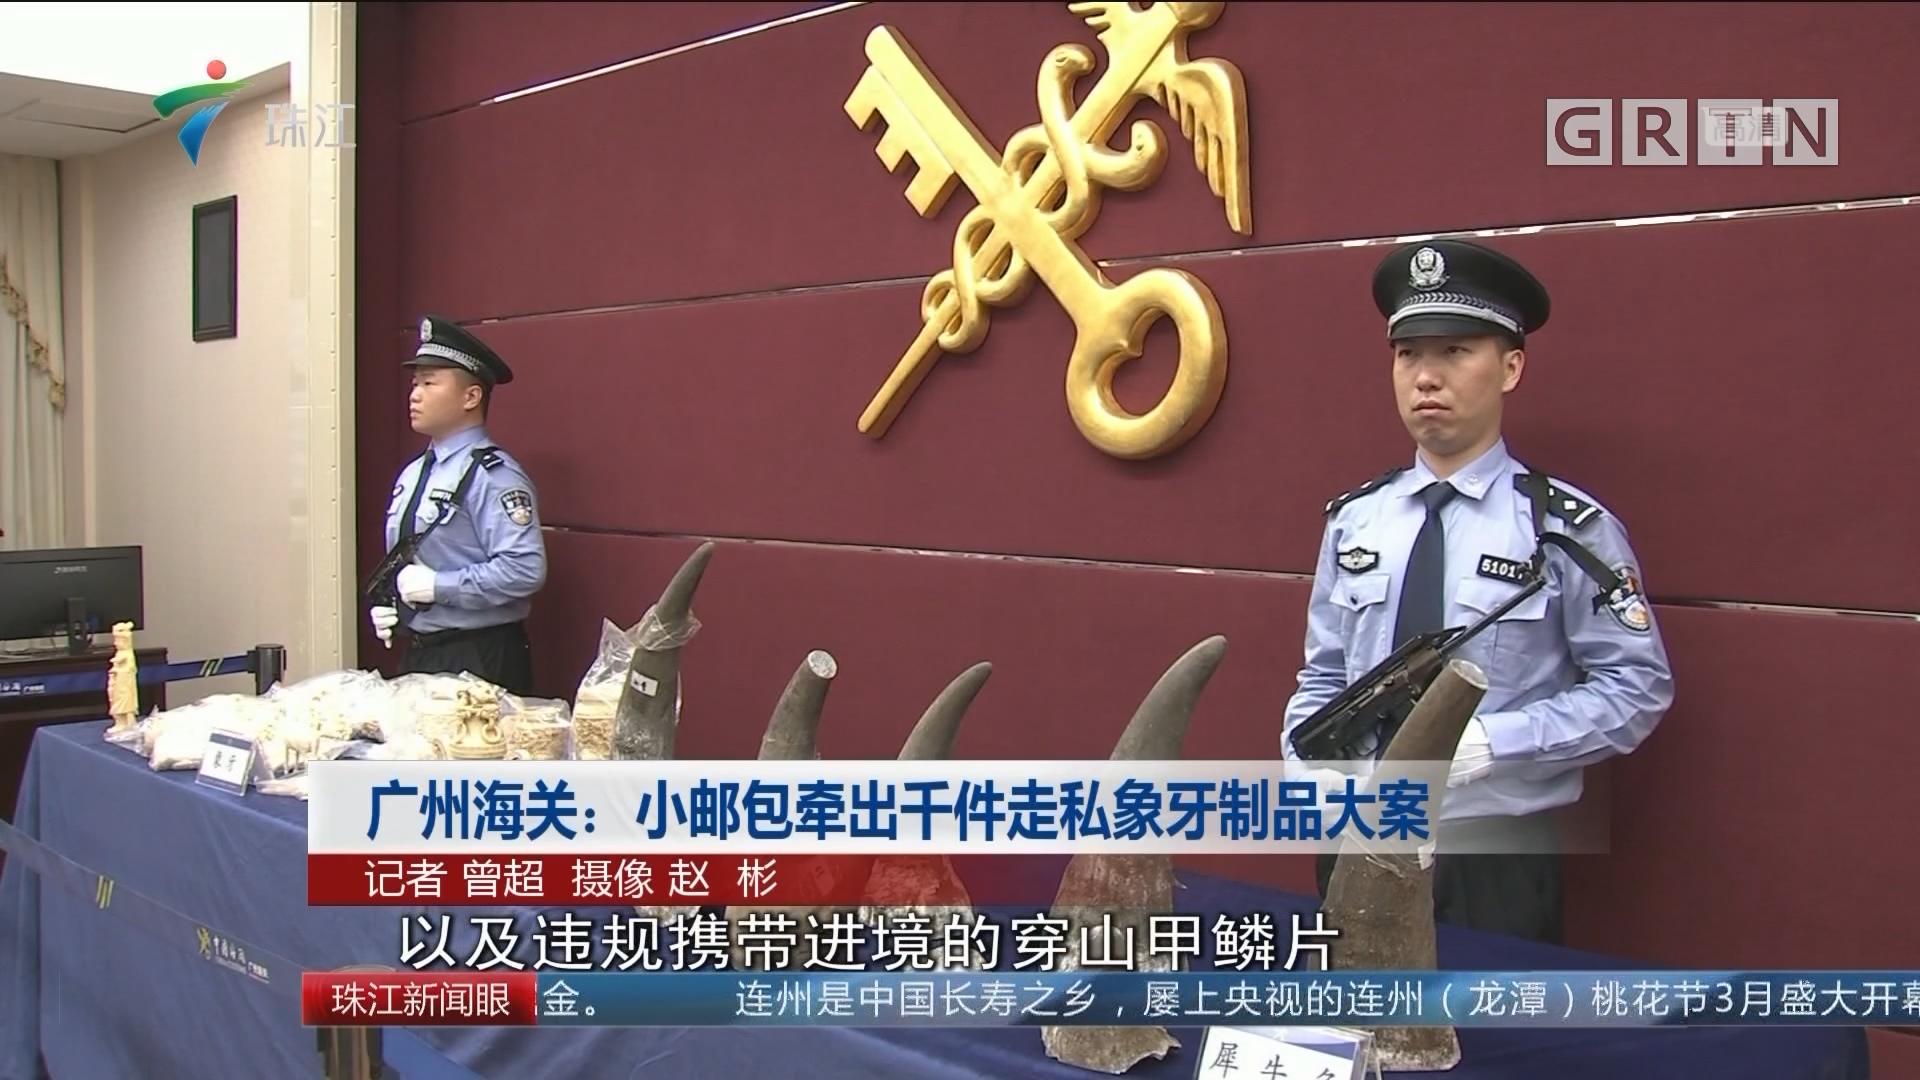 广州海关:小邮包牵出千件走私象牙制品大案